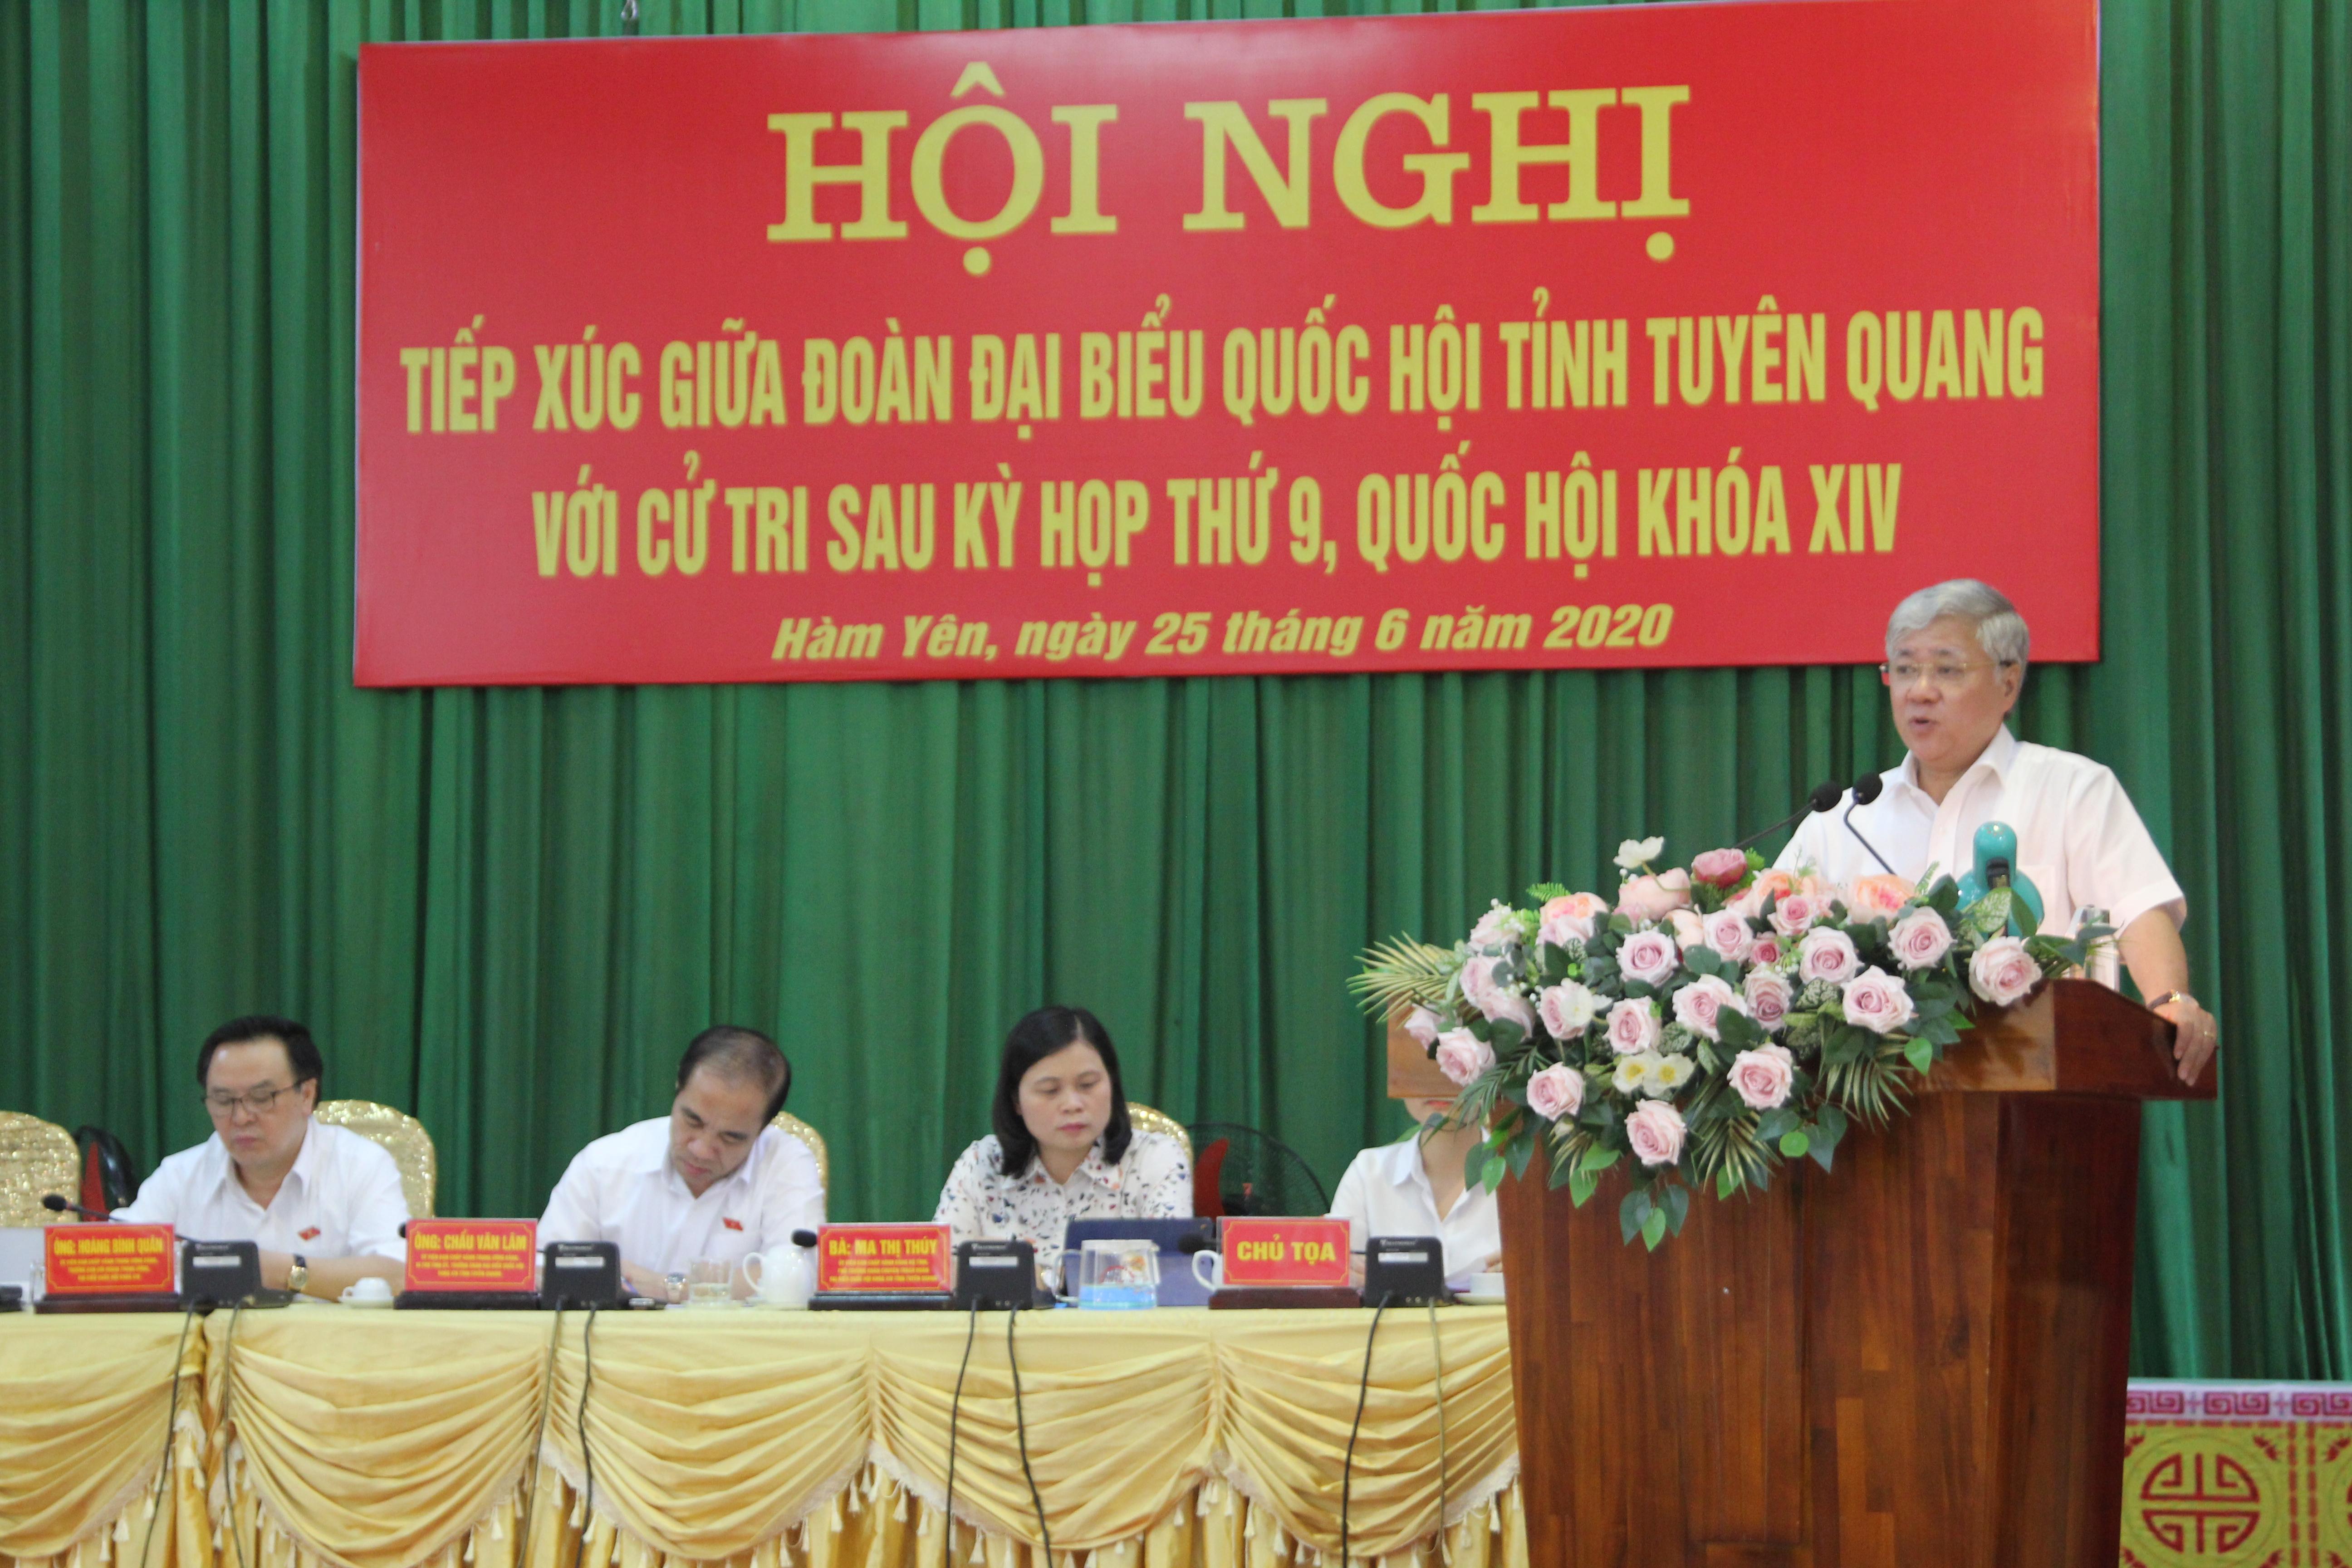 Bộ trưởng, Chủ nhiệm UBDT Đỗ Văn Chiến phát biểu tại Hội nghị tiếp xúc cử tri